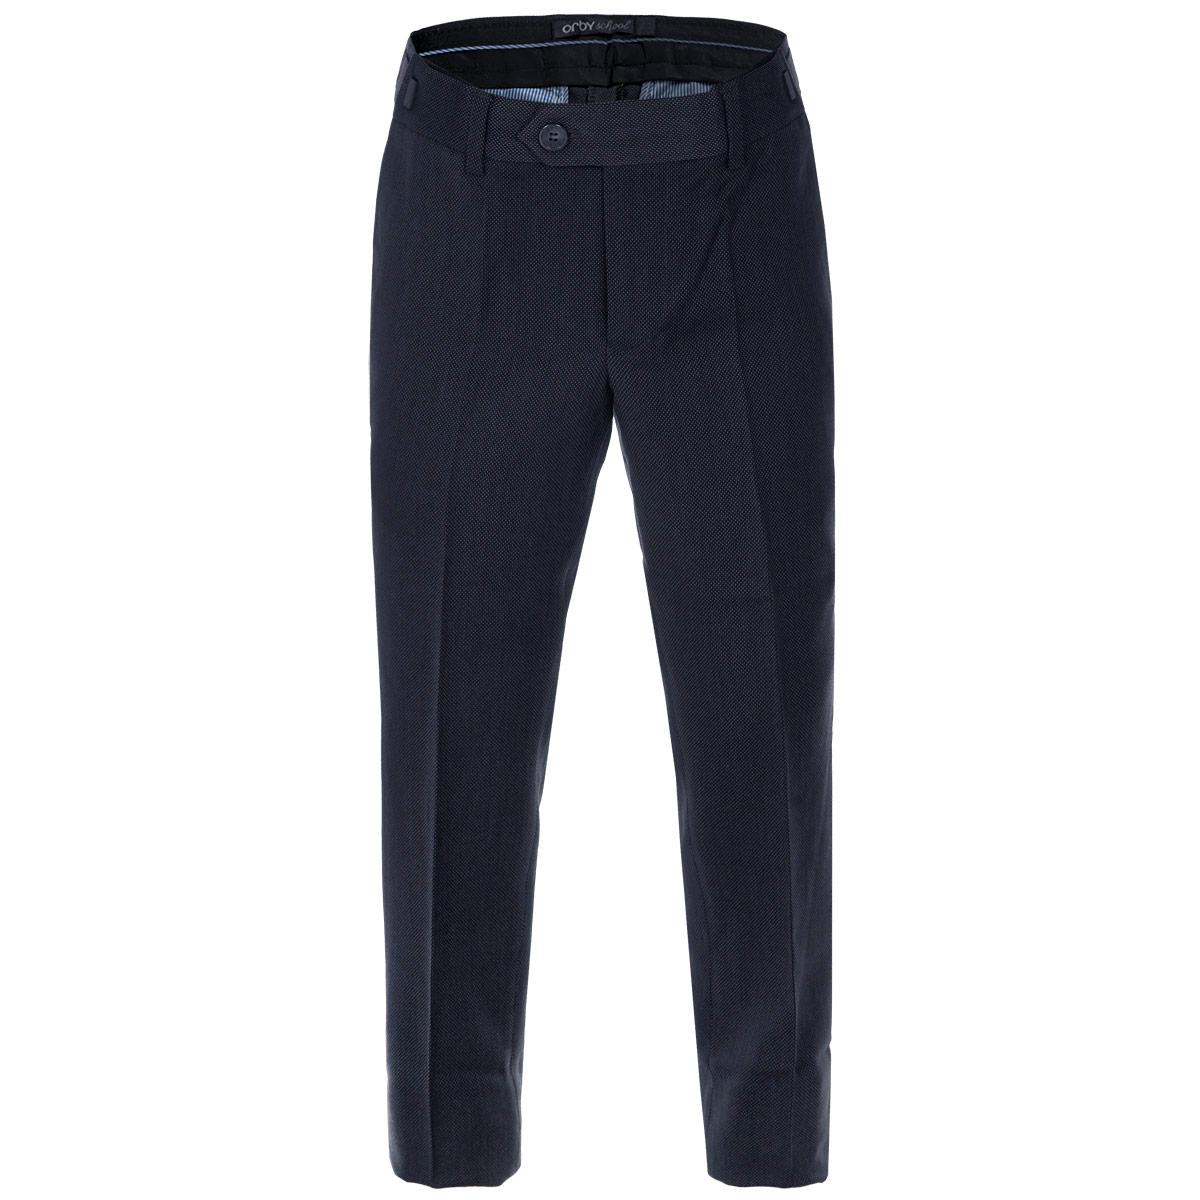 Брюки для мальчика. 6301663016Классические брюки для мальчика Orby - основа повседневного школьного гардероба. Изготовленные из высококачественного материала, они необычайно мягкие и приятные на ощупь, не сковывают движения и позволяют коже дышать, не раздражают даже самую нежную и чувствительную кожу ребенка, обеспечивая ему наибольший комфорт. В качестве подкладки используется гладкая подкладочная ткань. Брюки прямого покроя с заутюженными стрелками на талии застегиваются на пластиковую пуговицу и на металлический крючок, а также имеют ширинку на застежке-молнии и шлевки для ремня. Плавающая регулировка в поясе брюк (хлястиками на зажимах) обеспечивает комфортную посадку. Спереди брюки дополнены двумя втачными карманами с косыми краями, а сзади - двумя прорезными карманами с клапанами на пуговицах. Такие брюки подходят под различные варианты пиджаков, джемперов и водолазок.